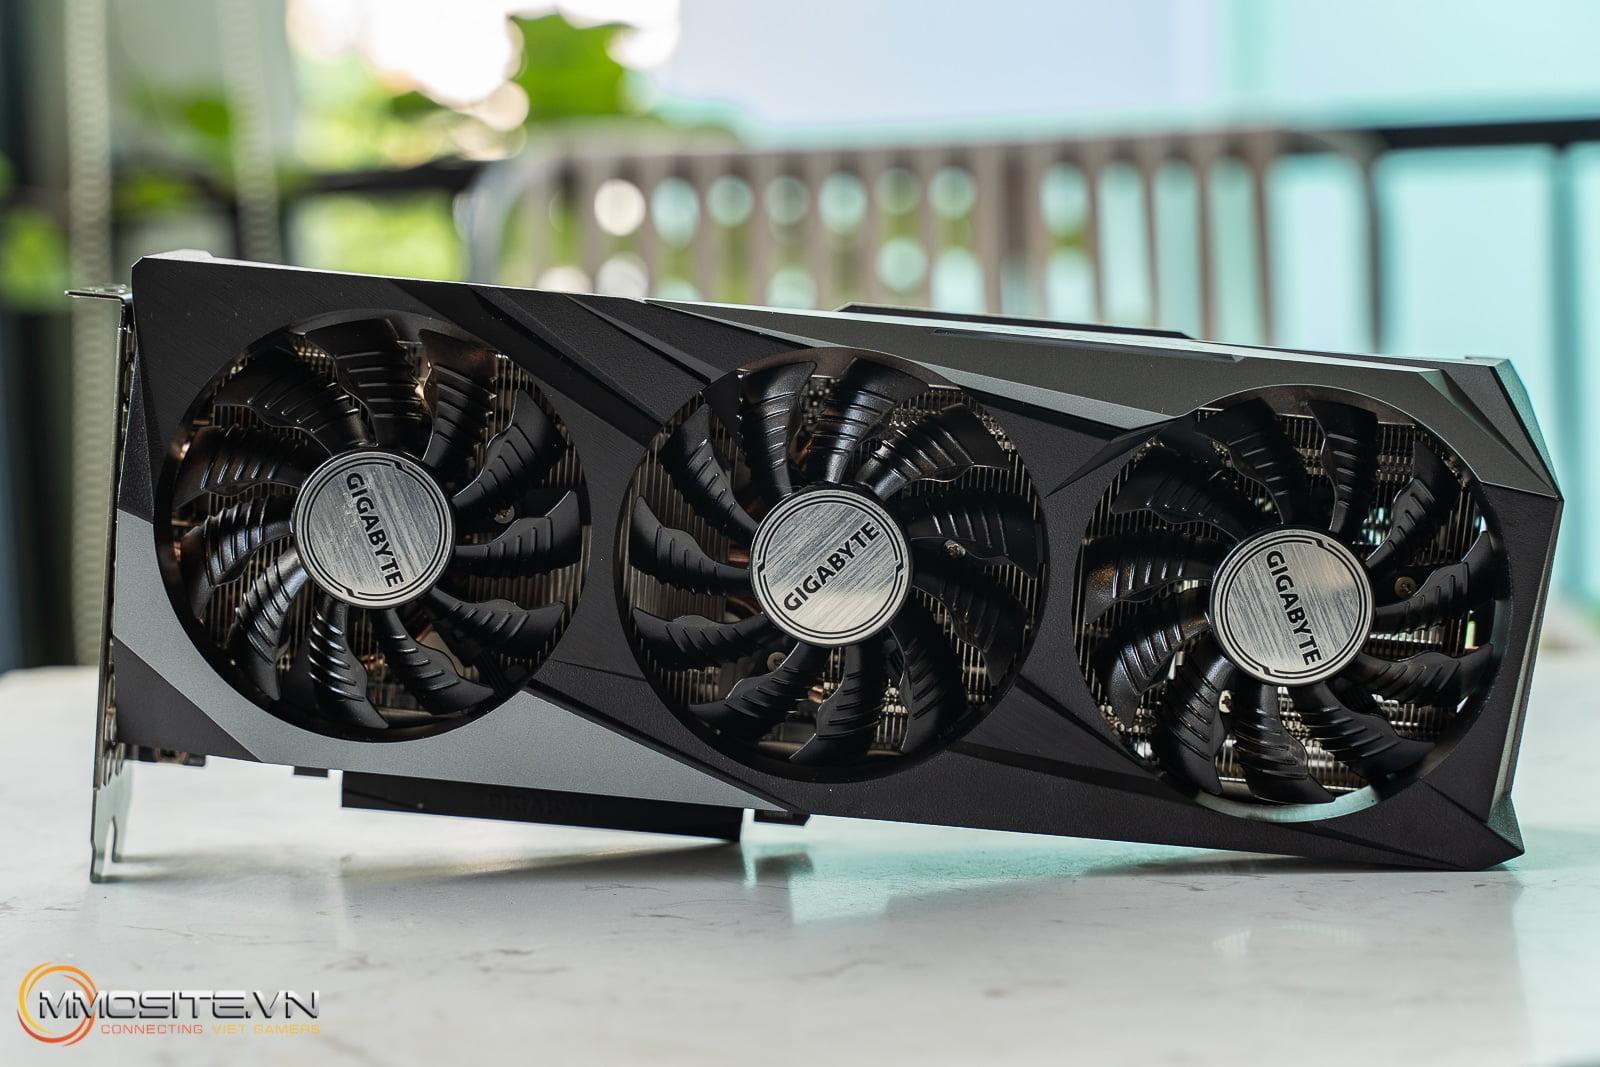 GIGABYTE ra mắt dòng card đồ họa GeForce RTX 3060 Ti - Lựa chọn tối ưu khi chơi game 1080p và 1440p